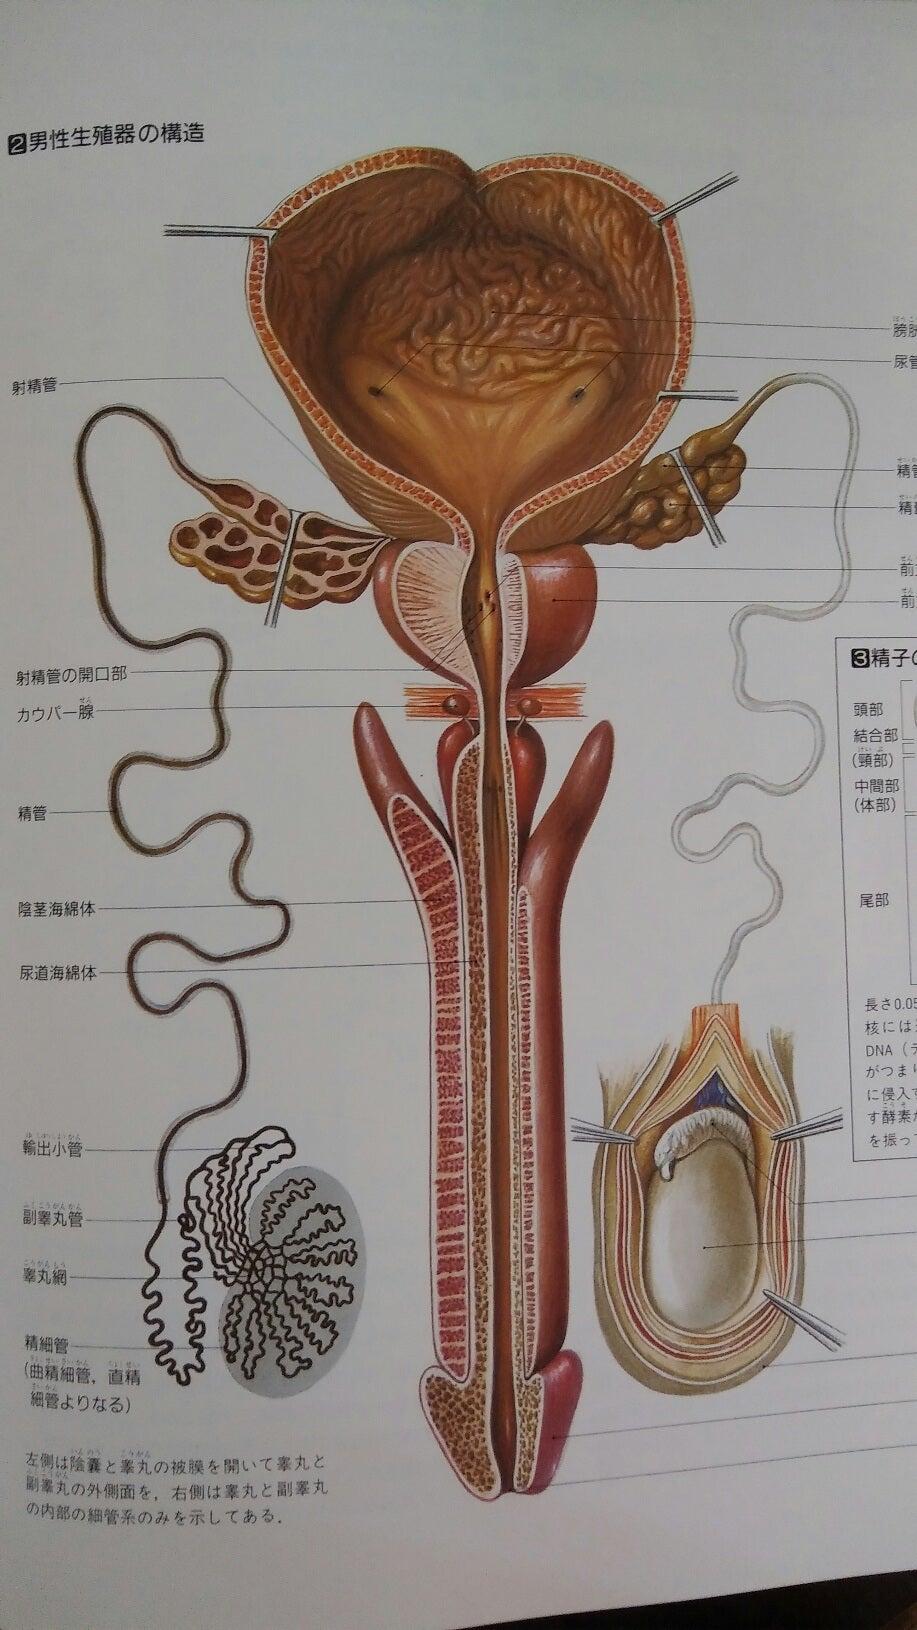 前立腺肥大と排尿障害は血流促進でのみ改善する | 體溫 免疫力 ...